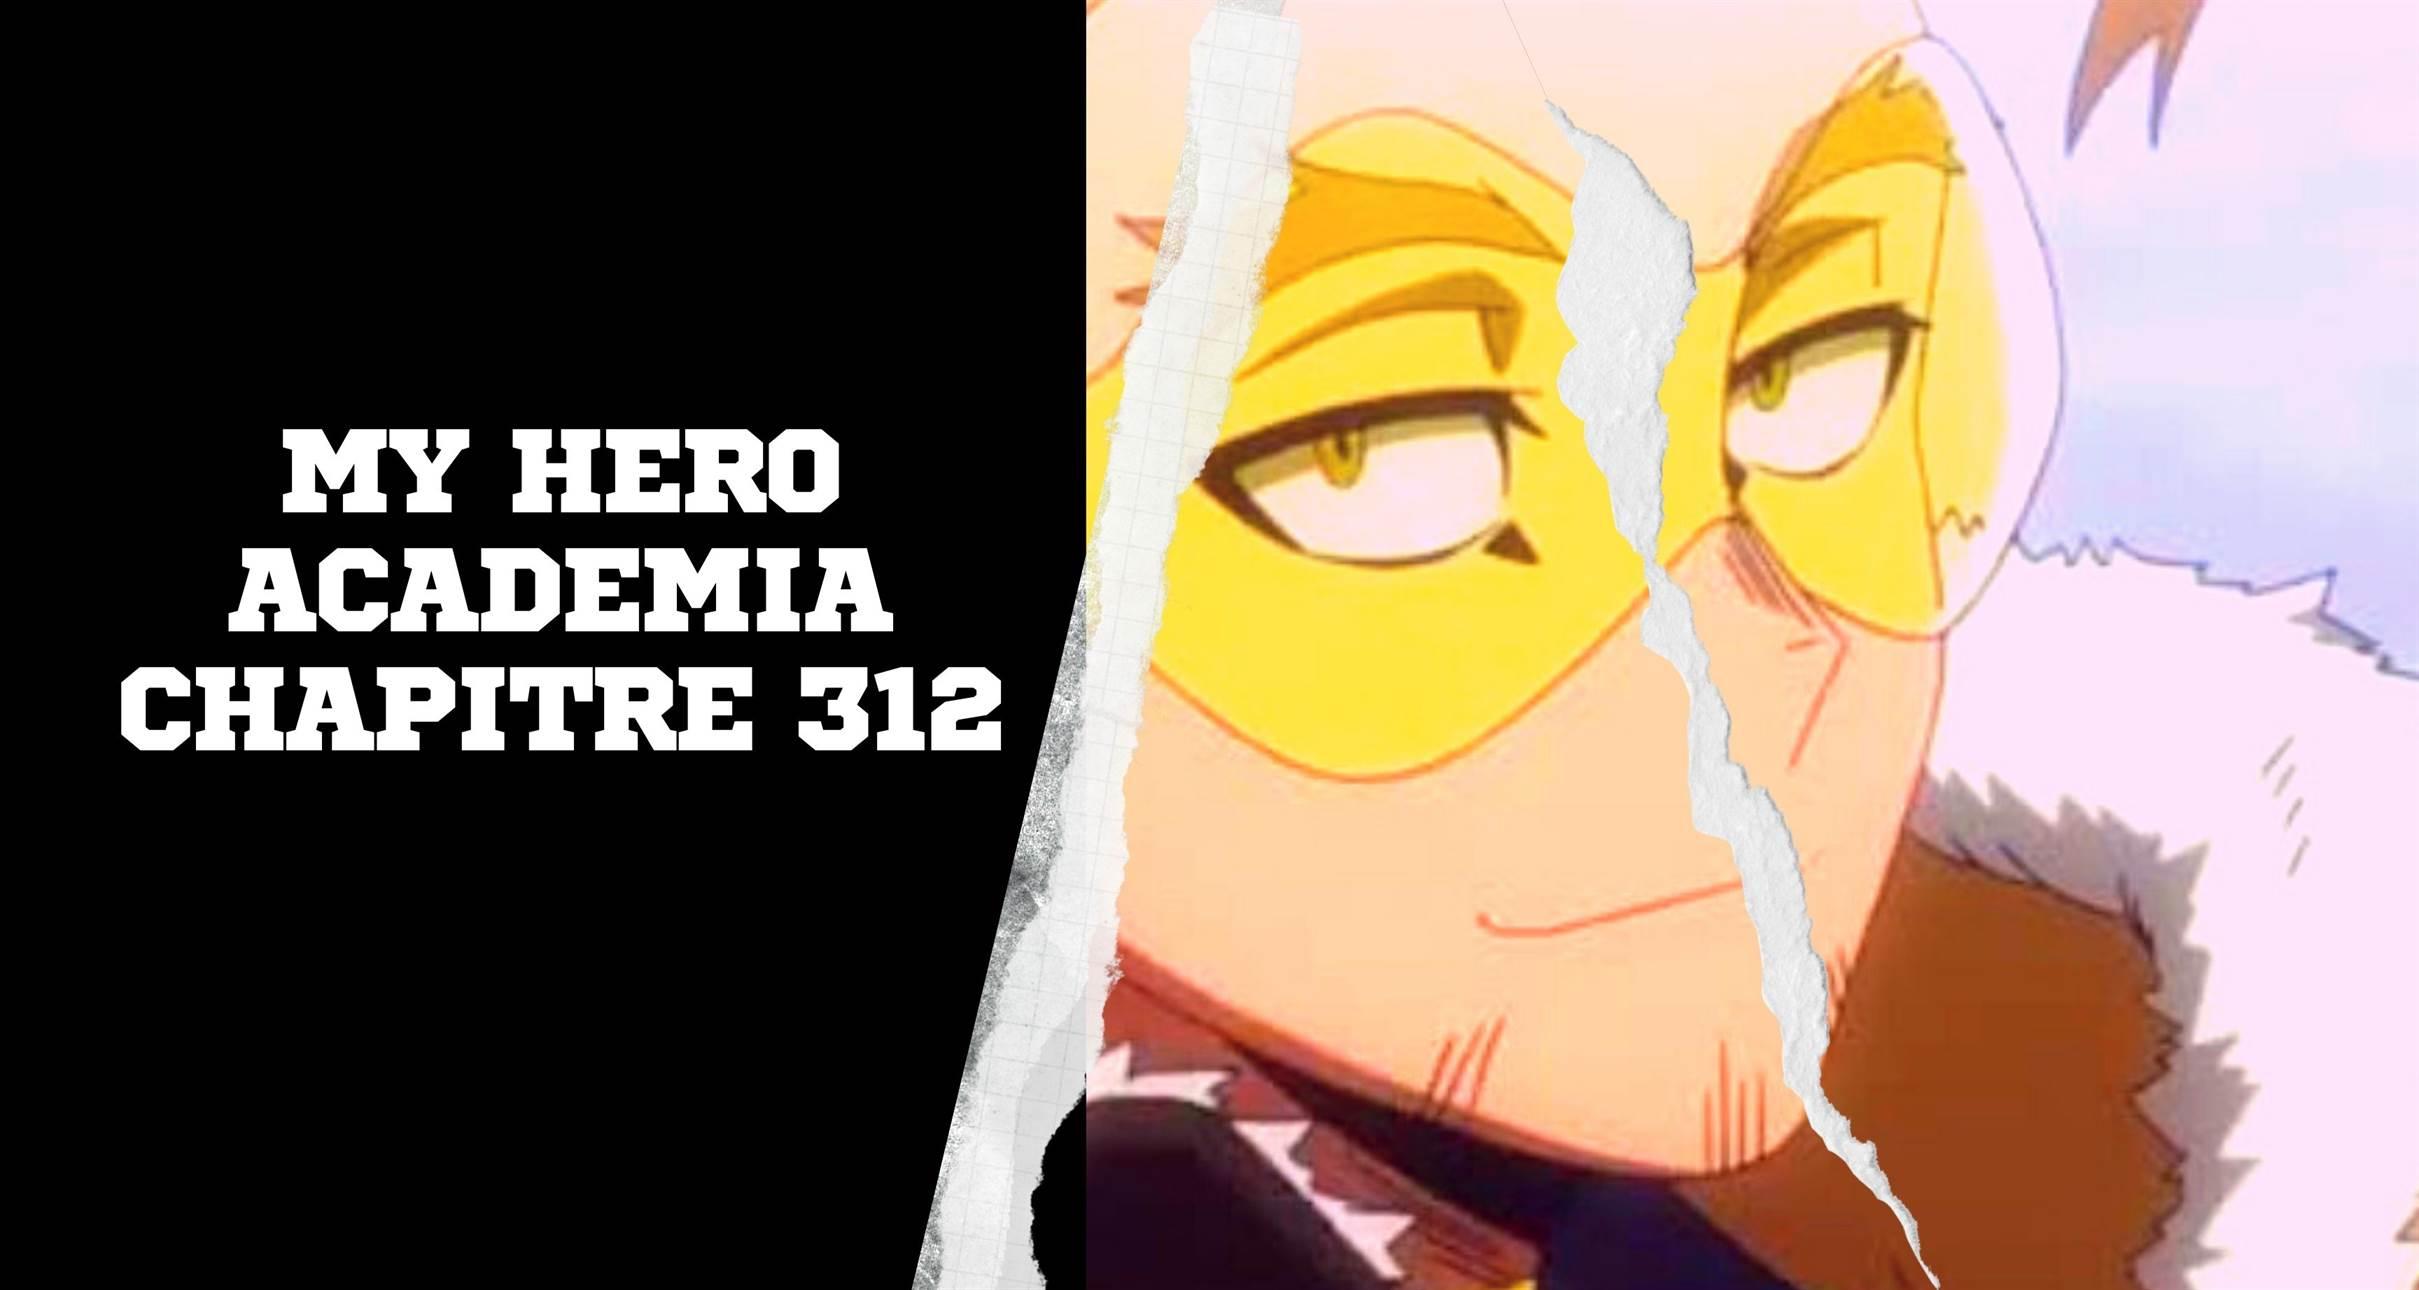 My Hero Academia Chapitre 312